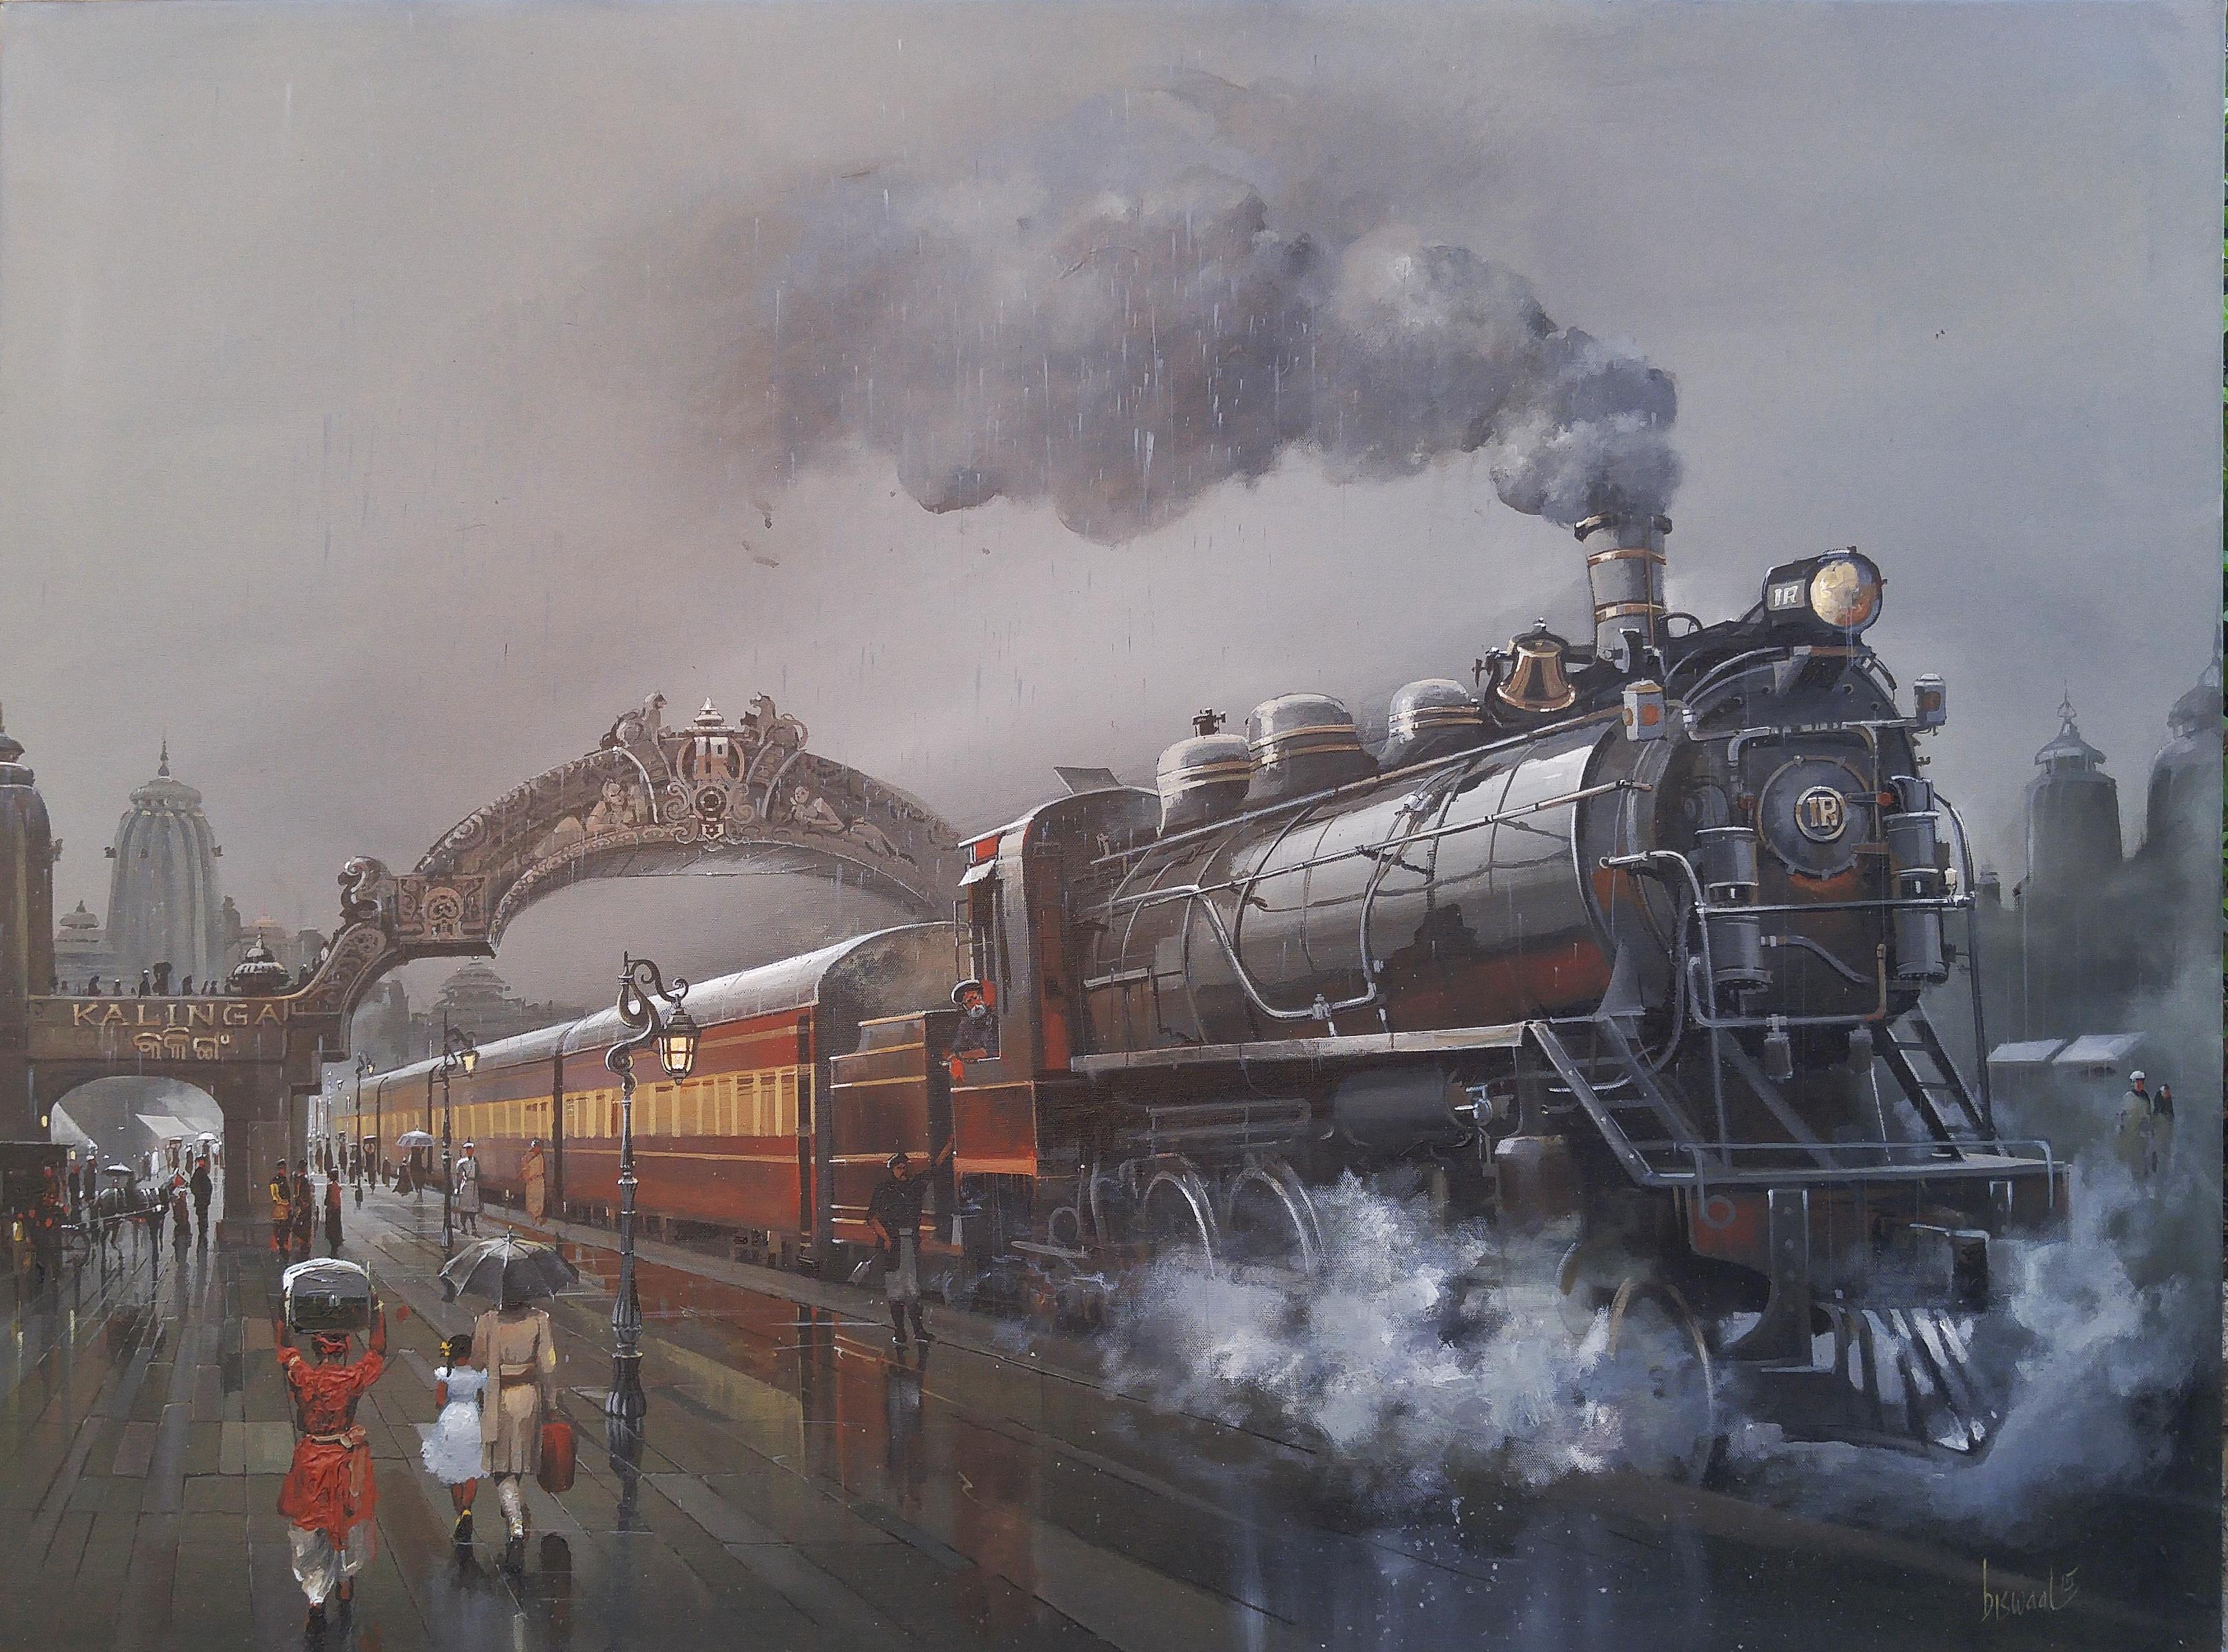 kaling railway station